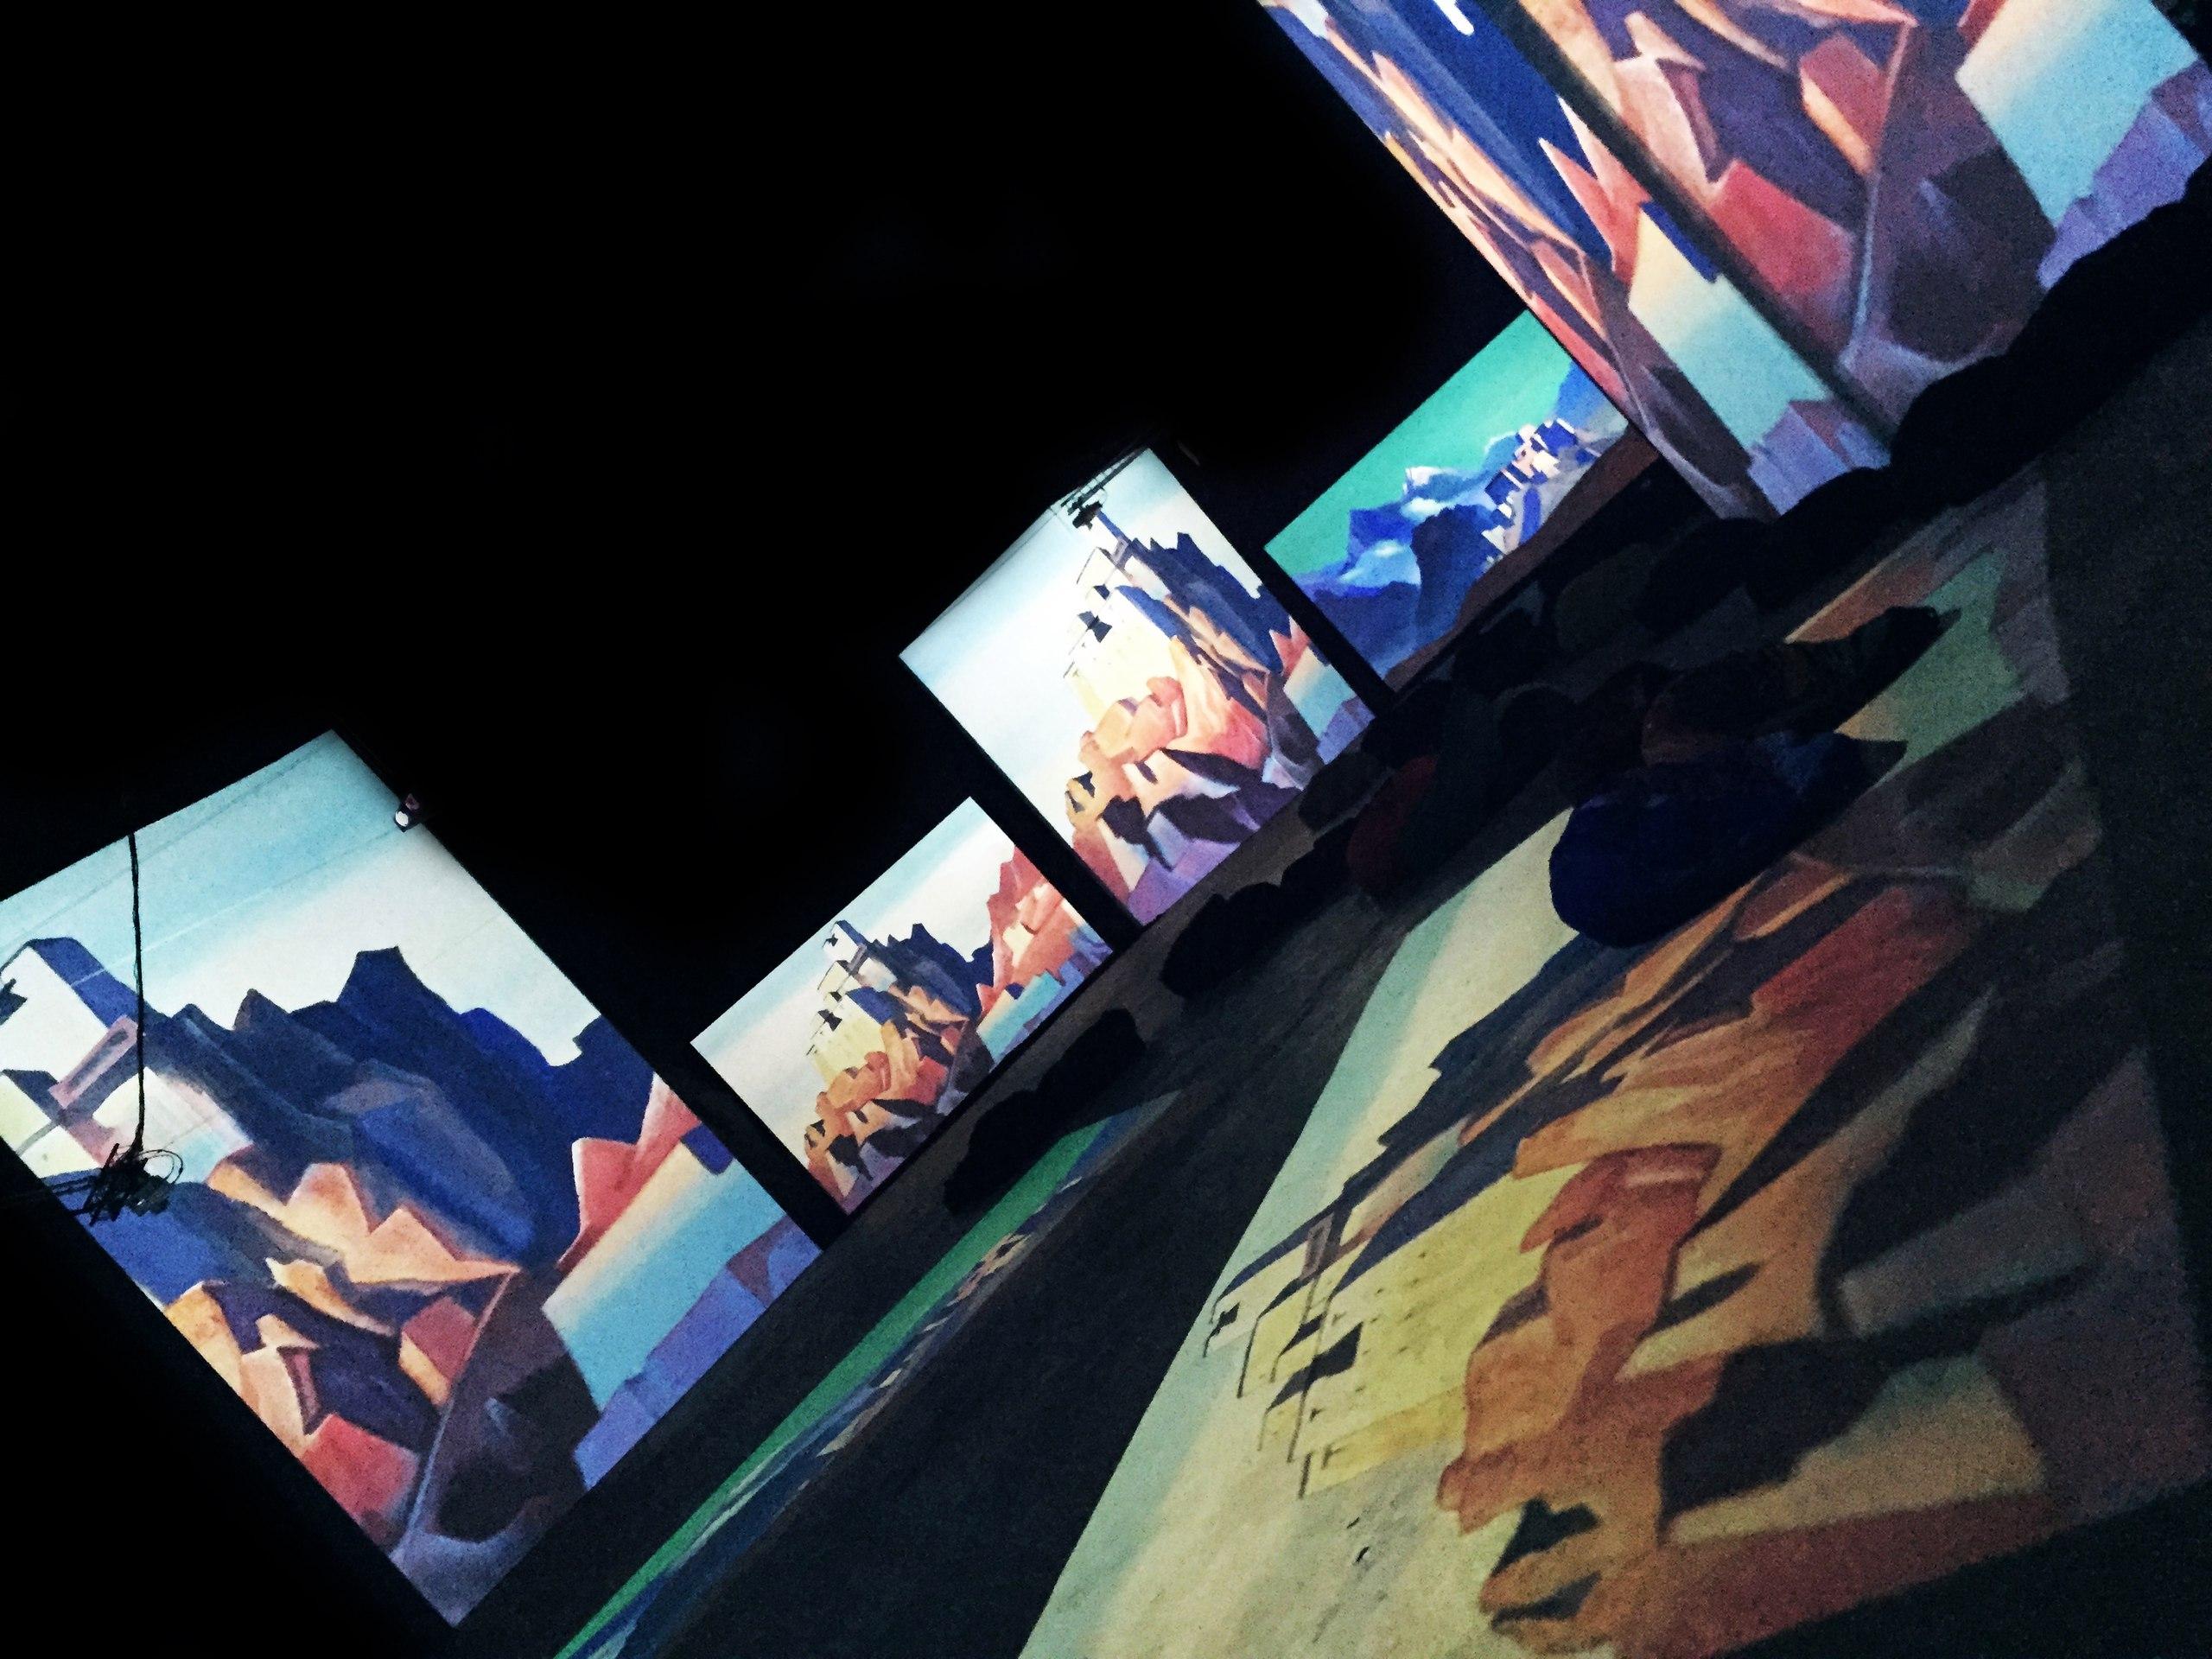 санкт петербург выставка живые полотна рериха